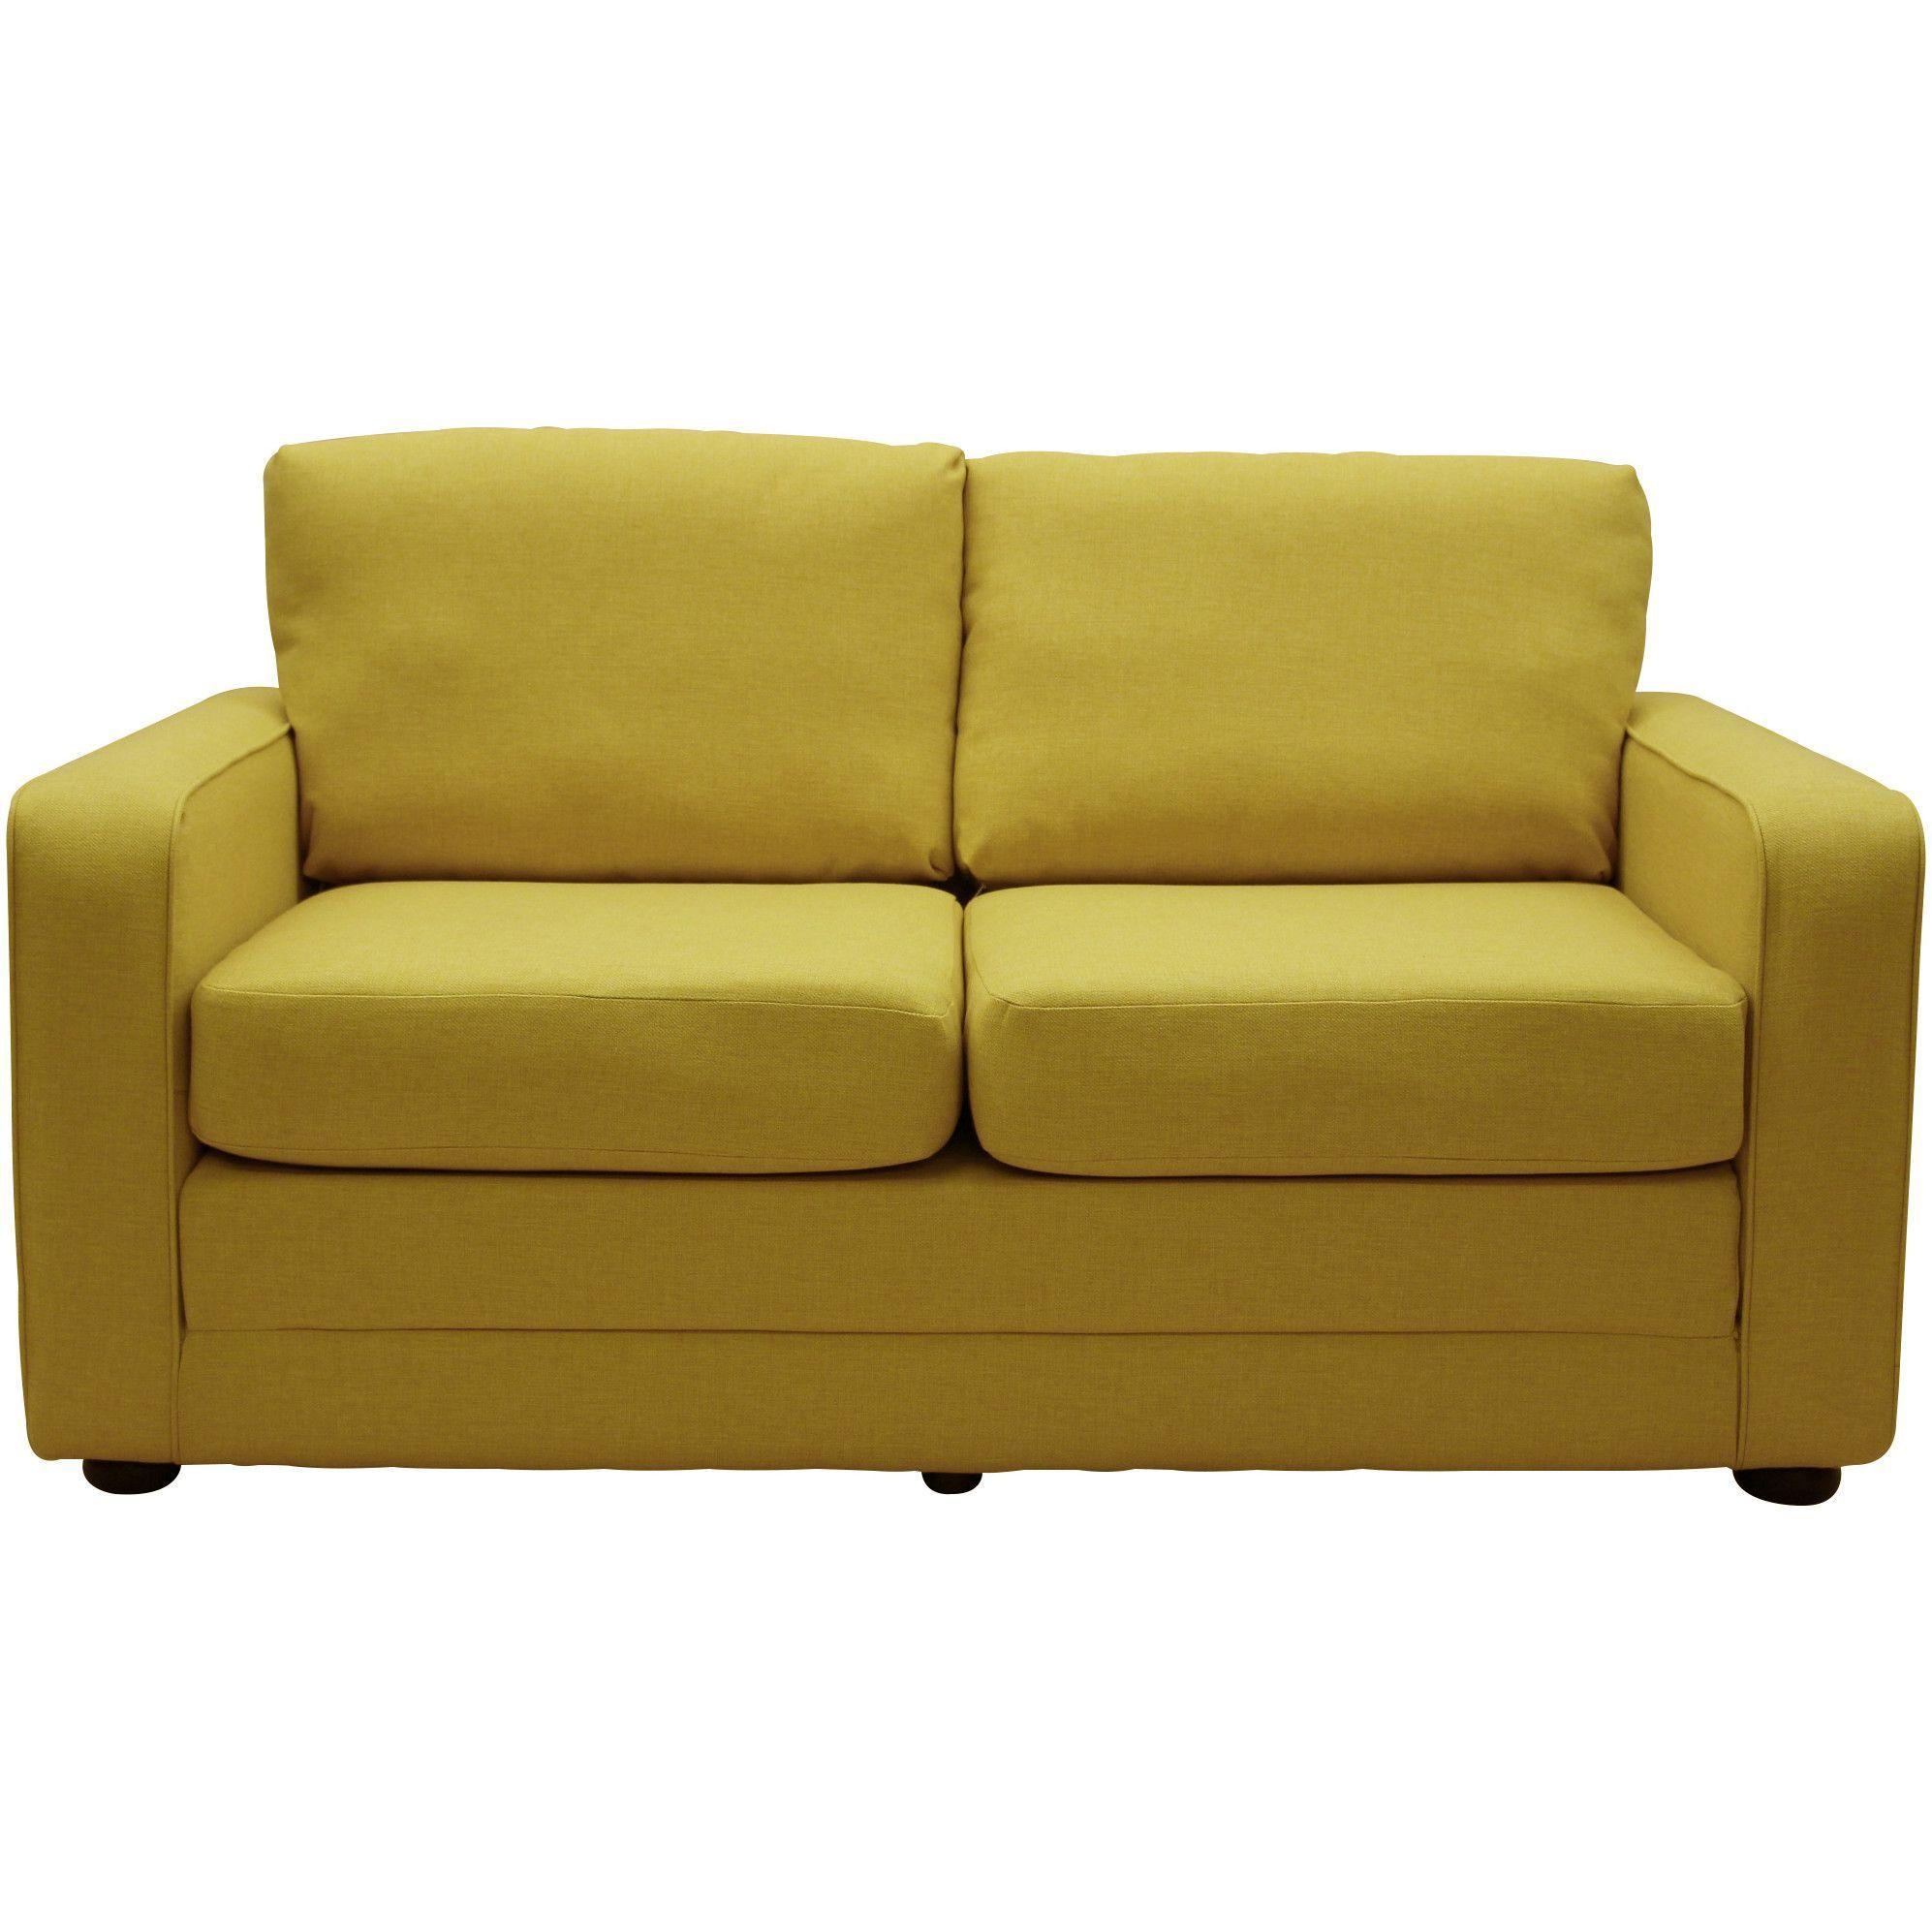 Laude Run Lillian Ultra Lightweight Sleeper Sofa Upholstery Felt Gray